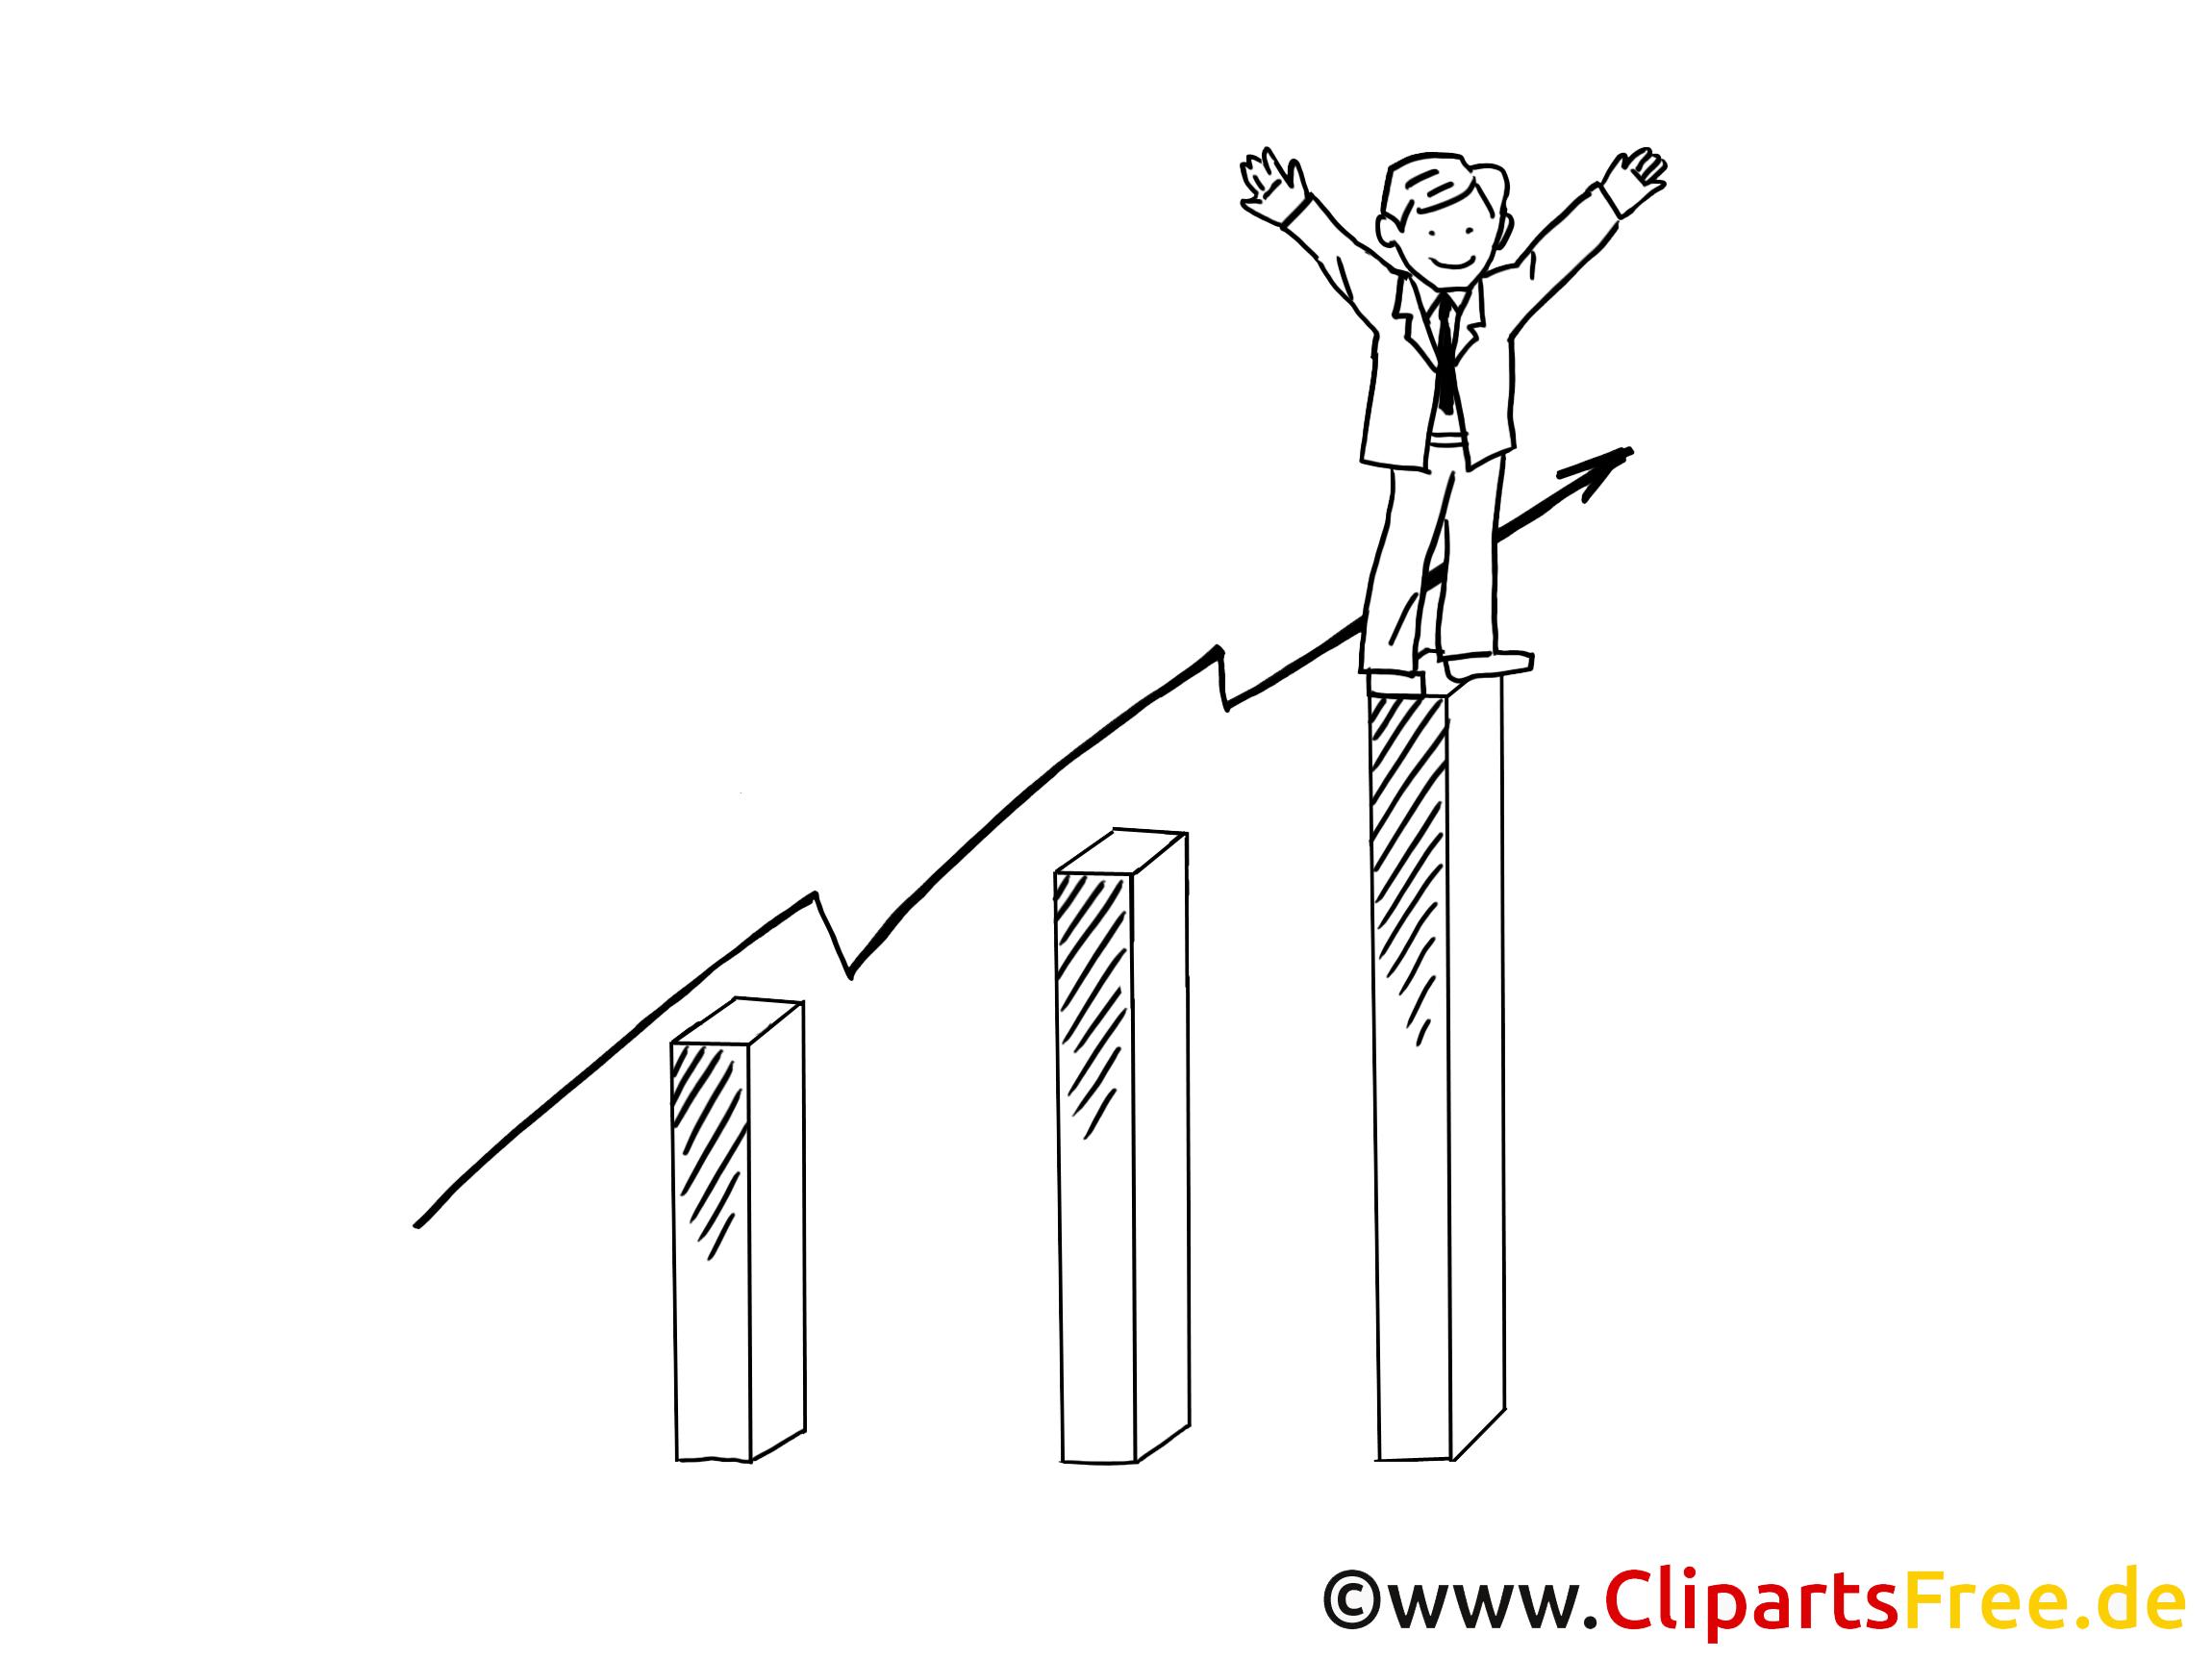 Ventes illustration à colorier – Finances clipart